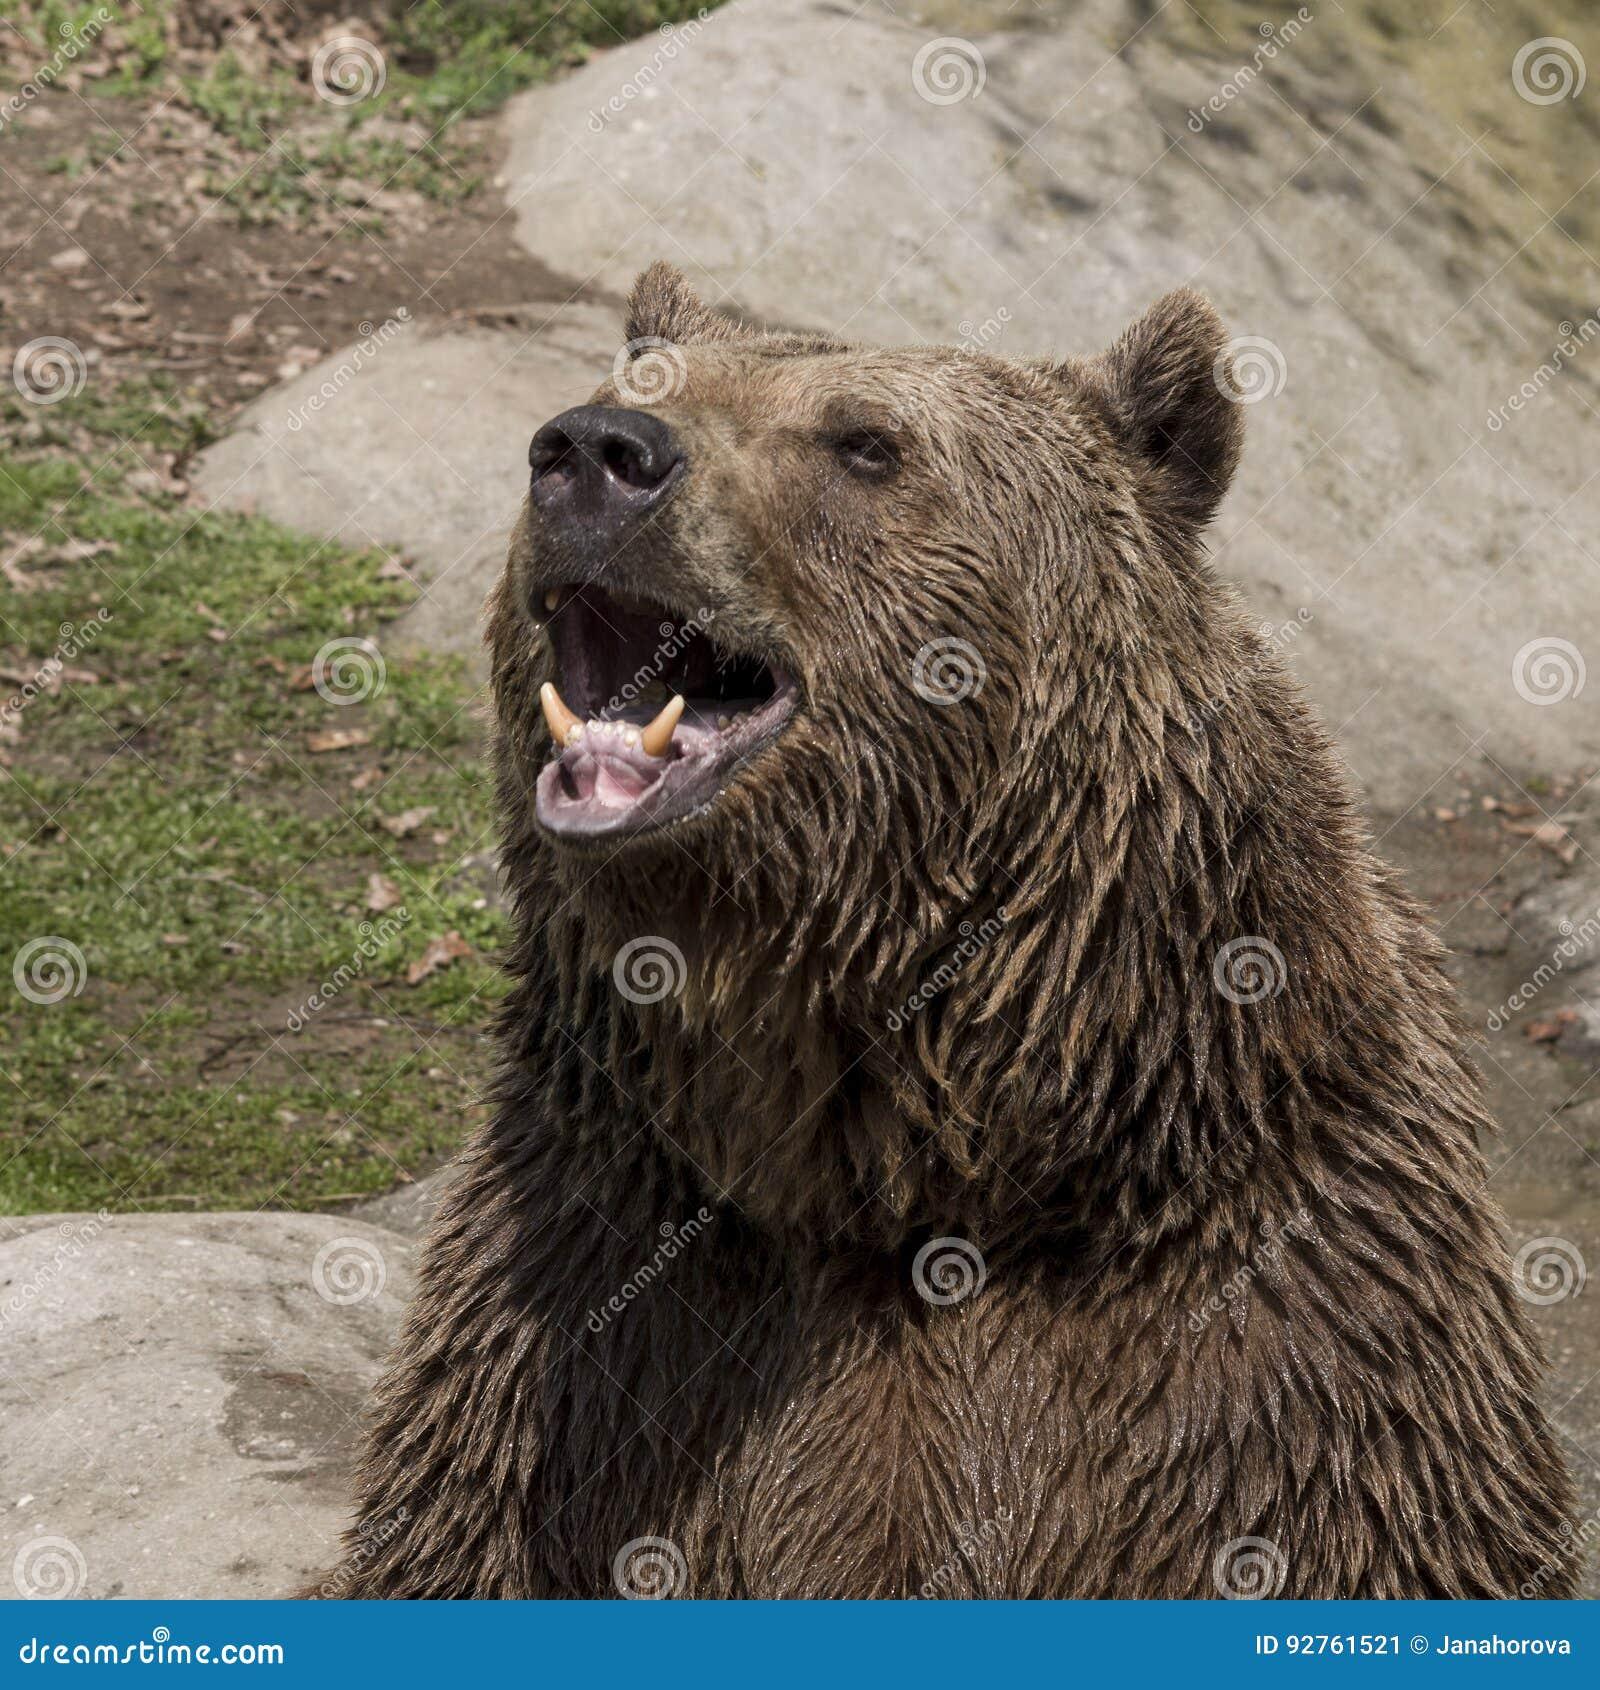 Brown bear roar